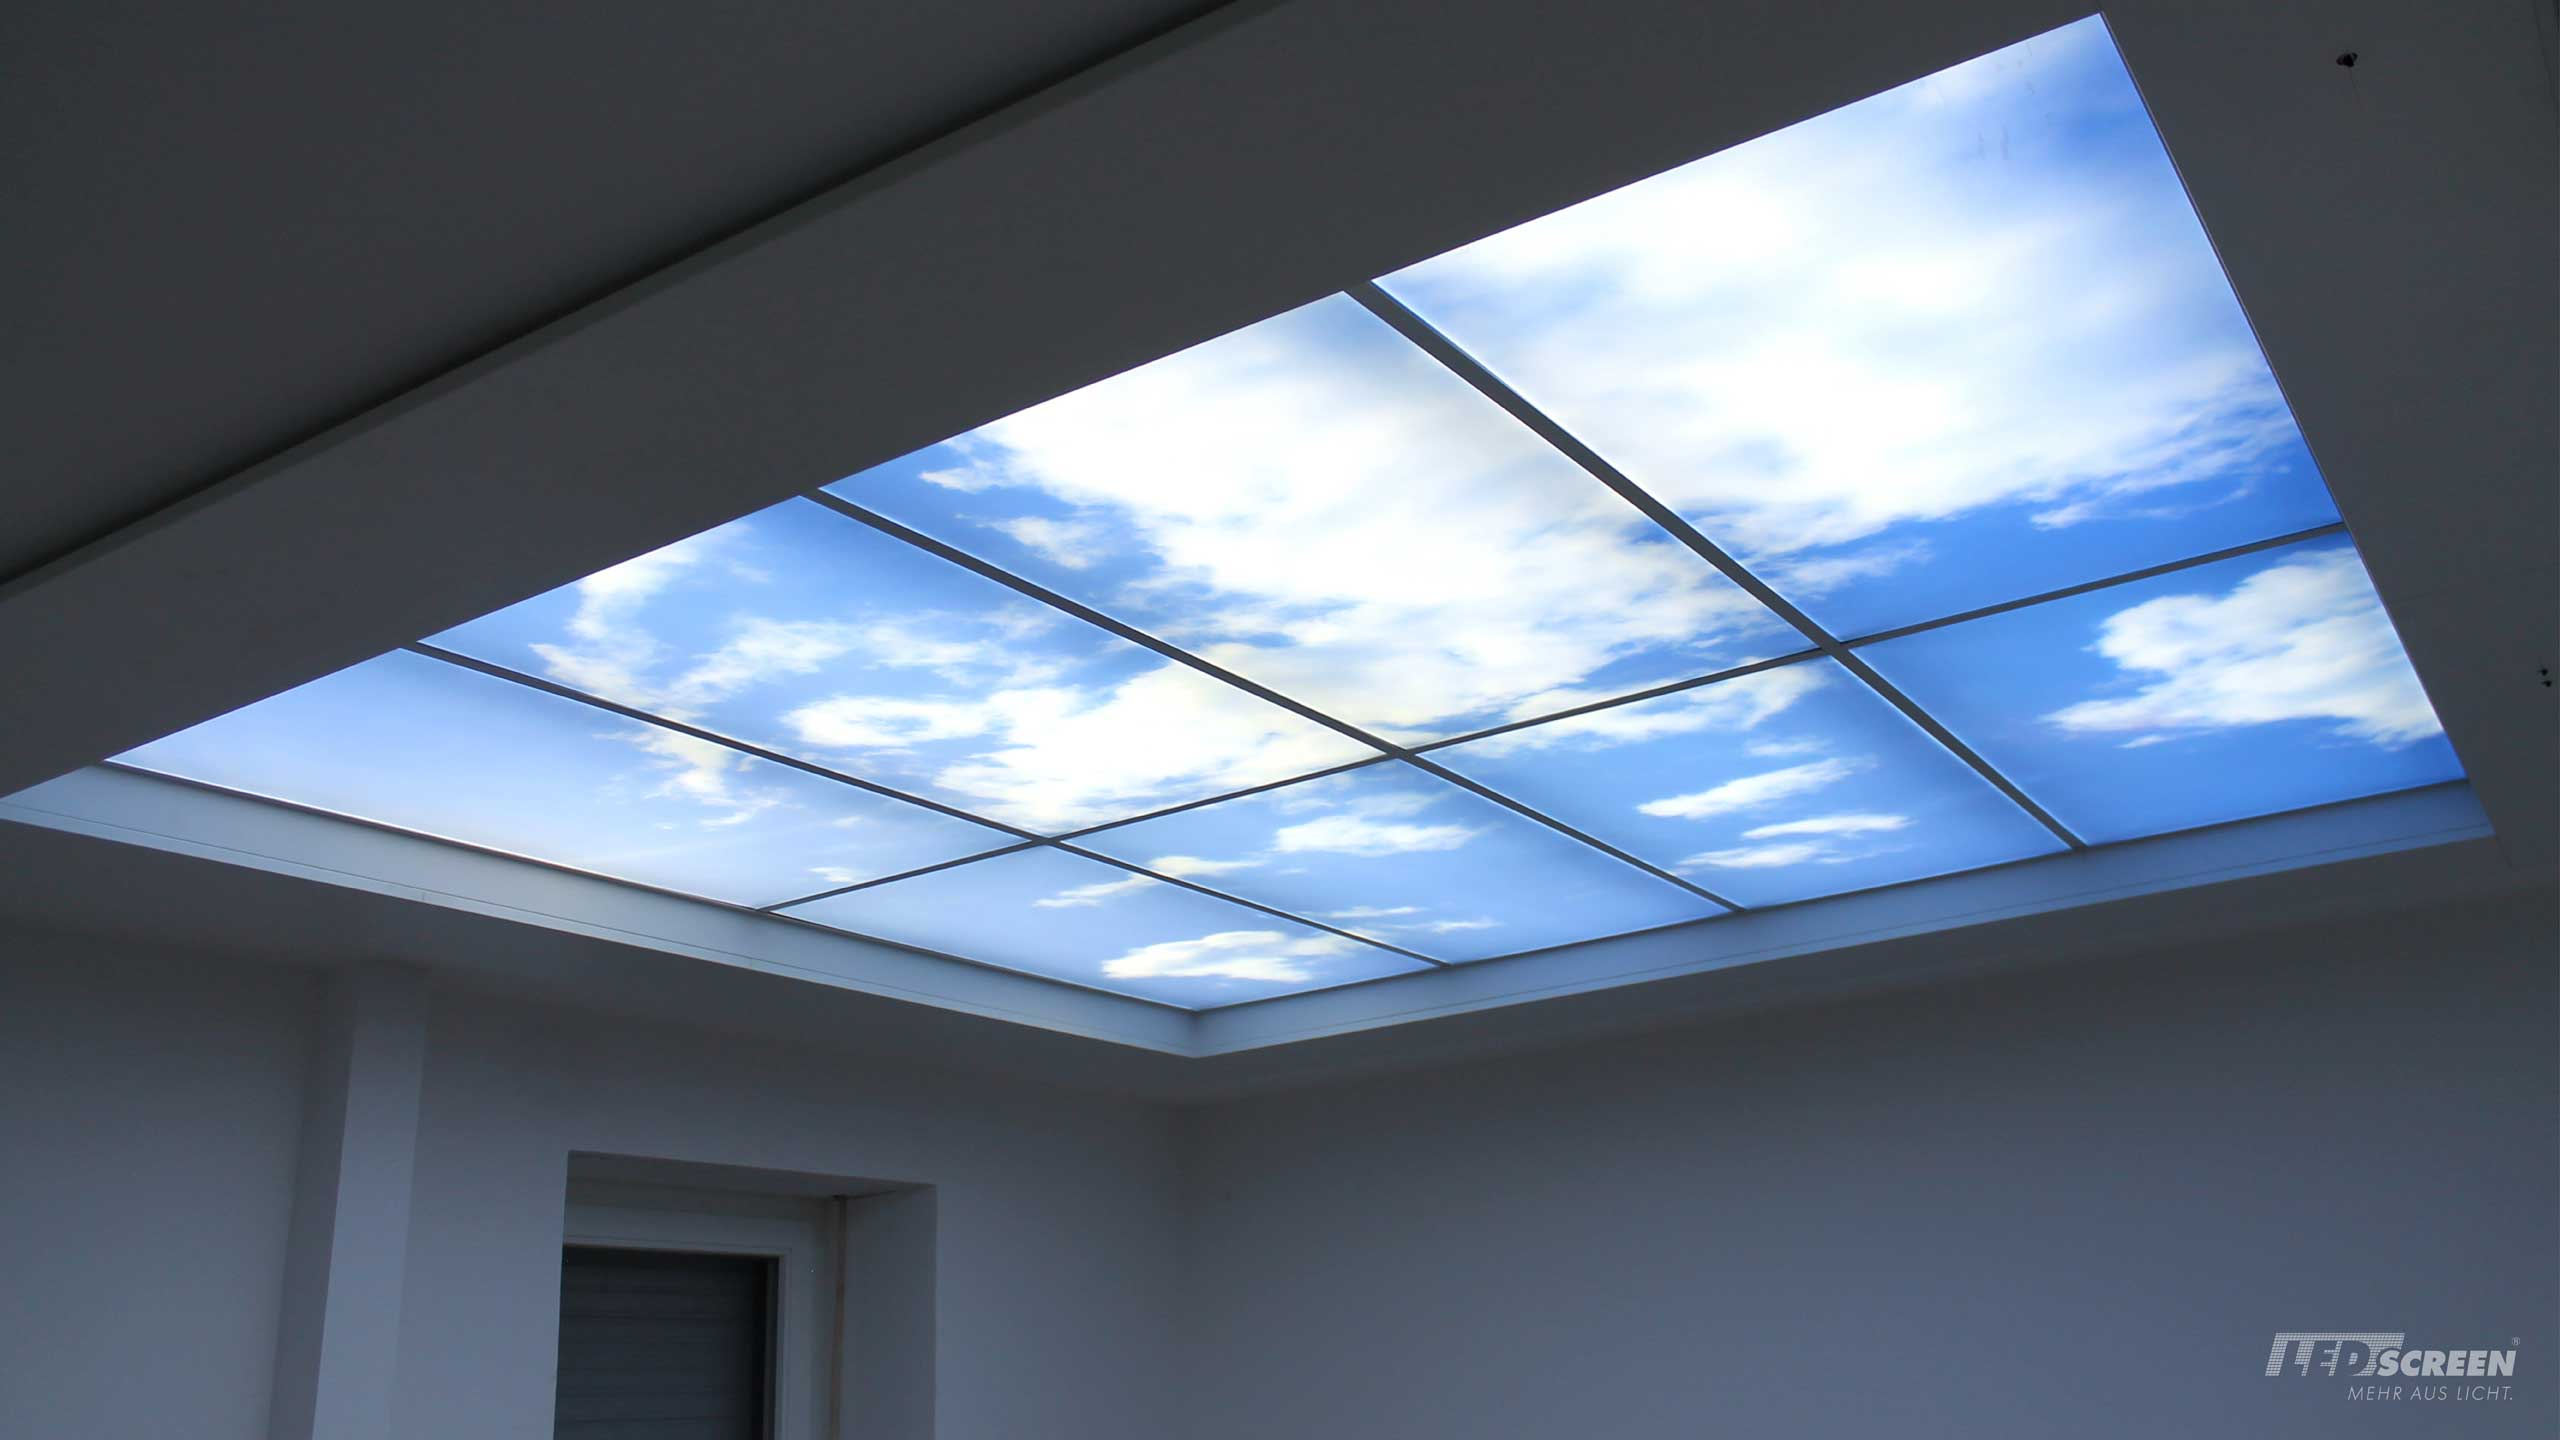 LEDscreen_SkyPanel_01